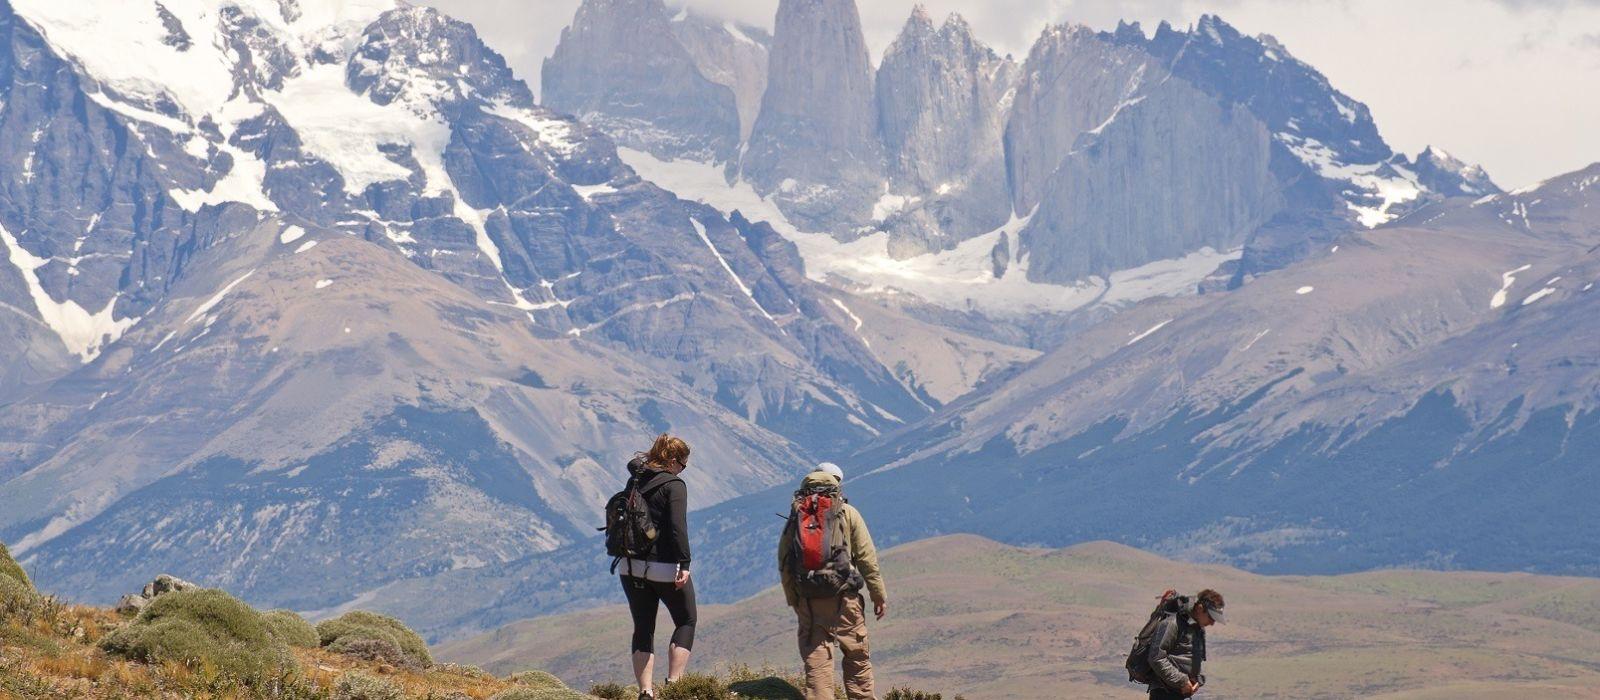 Chile Awasi: Außergewöhnlich mit Awasi Urlaub 2